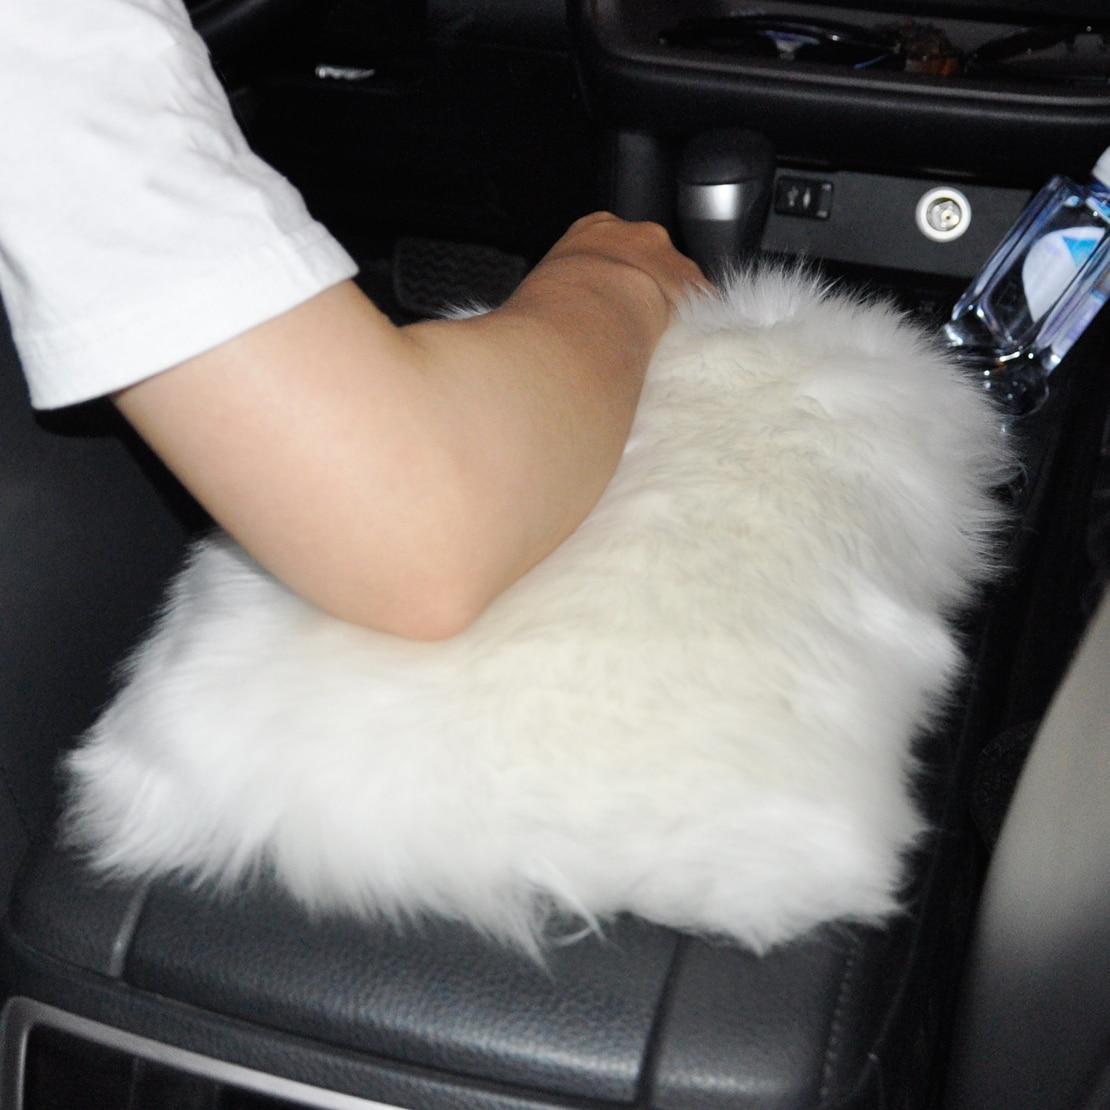 DWCX voiture SUV Console centrale accoudoir en peau de mouton laine boîte housse coussin tapis souple pour VW Audi Ford Toyota Chevrolet Peugeot Kia